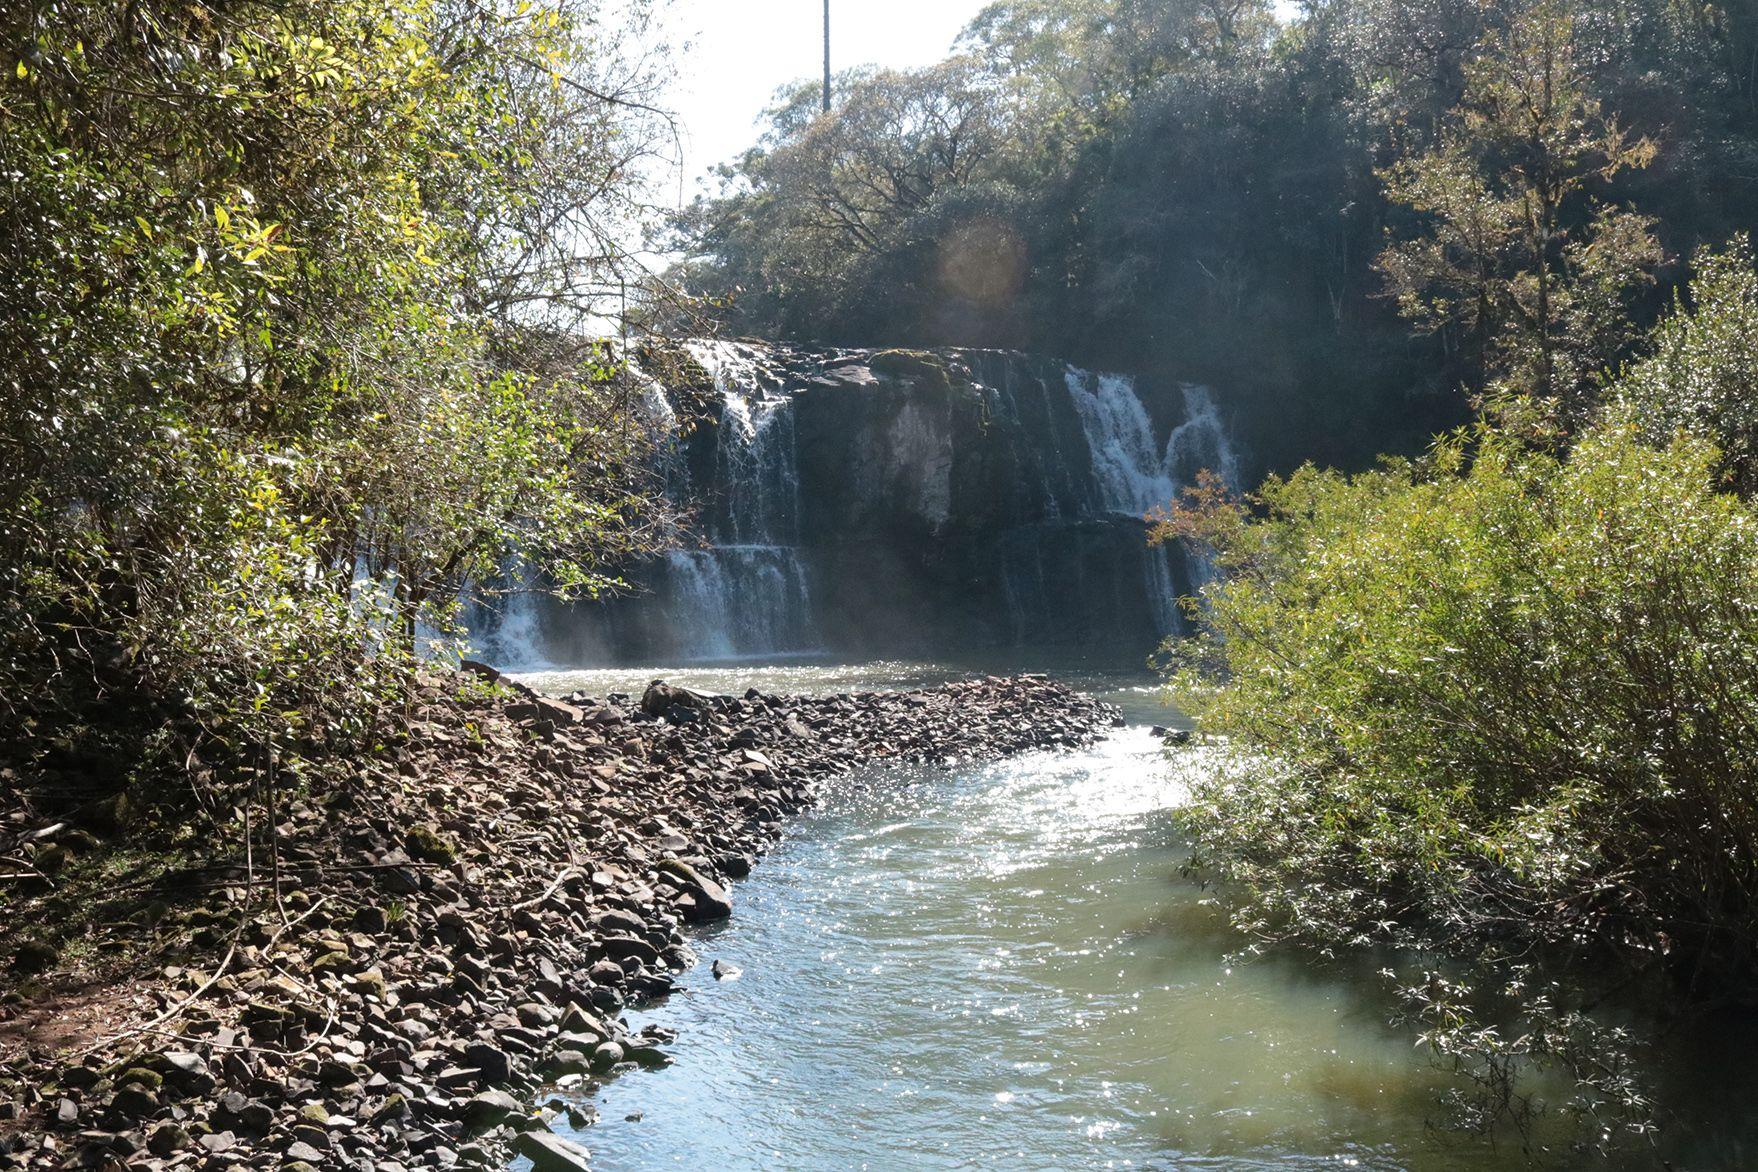 A região é repleta de cachoeiras, cavernas e sítios arqueológicos que encantam os turistas. Foto: Prefeitura de Turvo/Divulgação